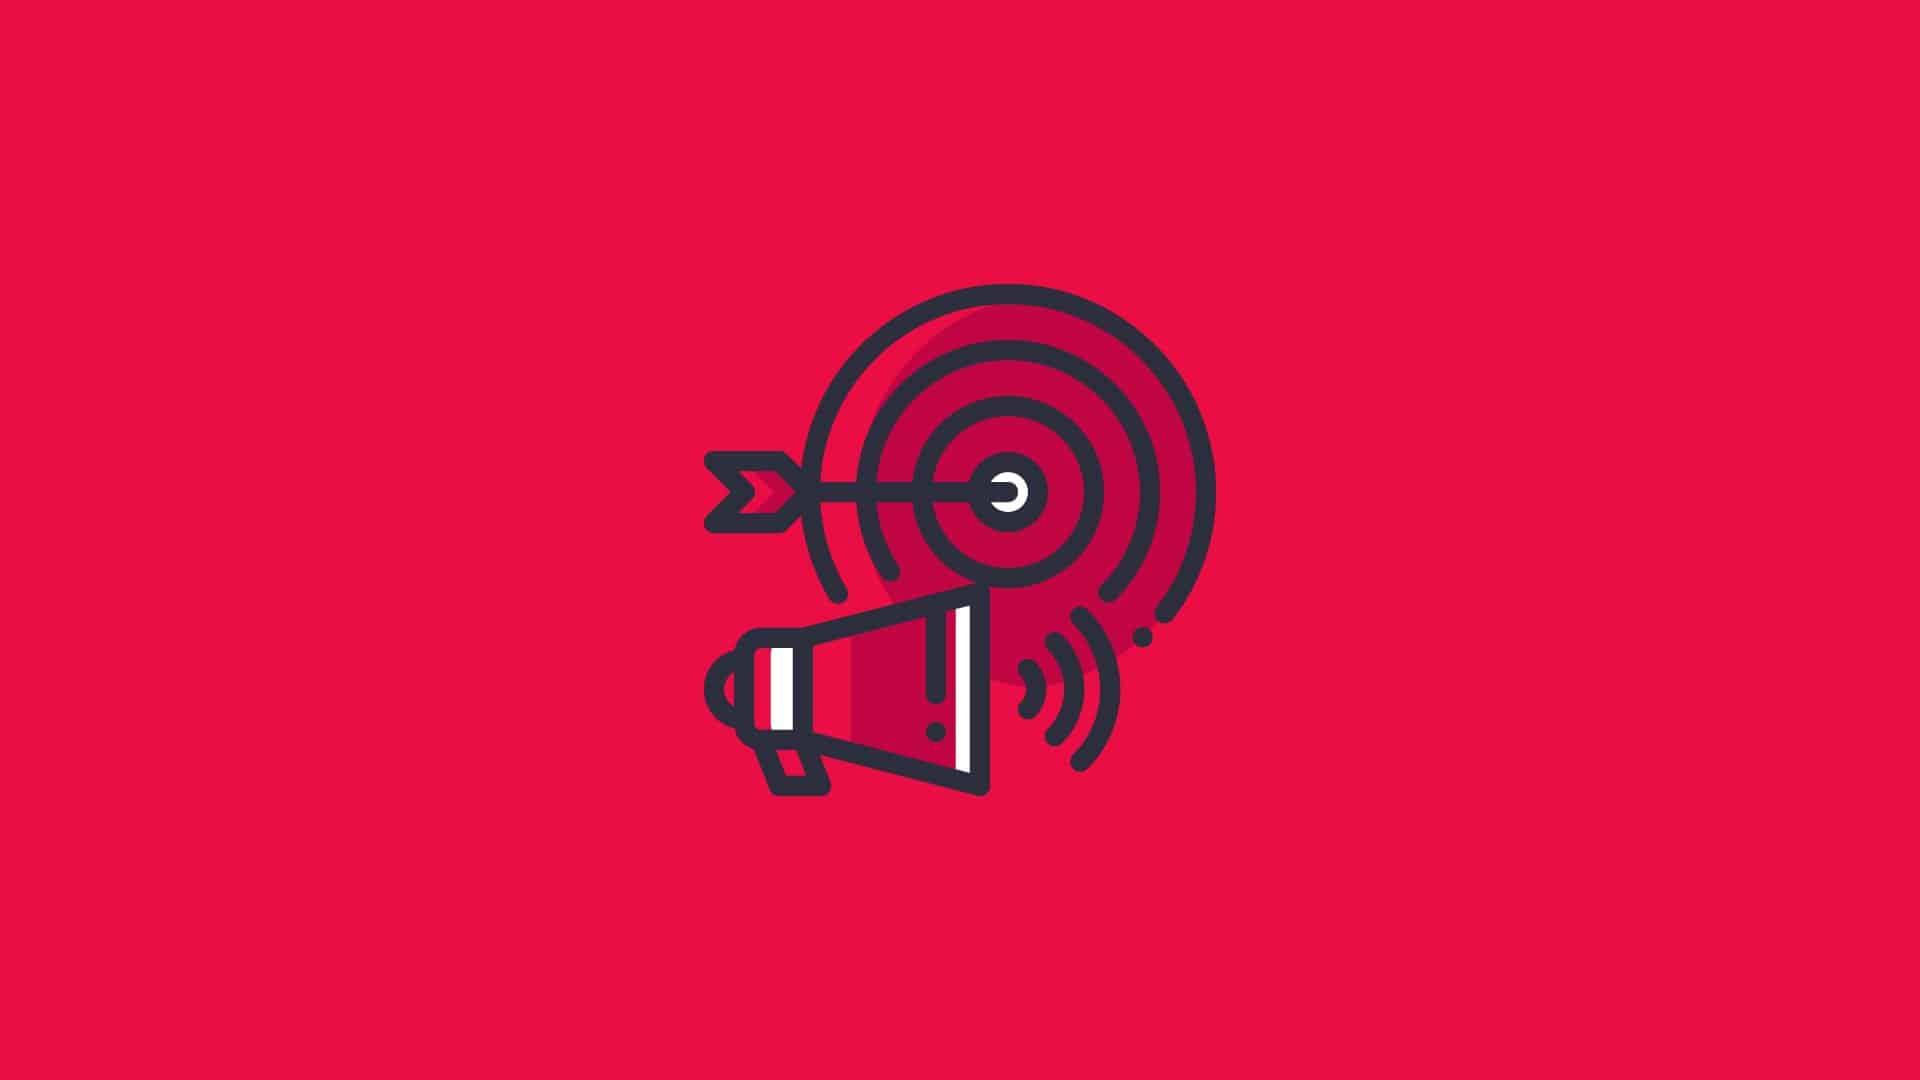 branding y app: casos de exito